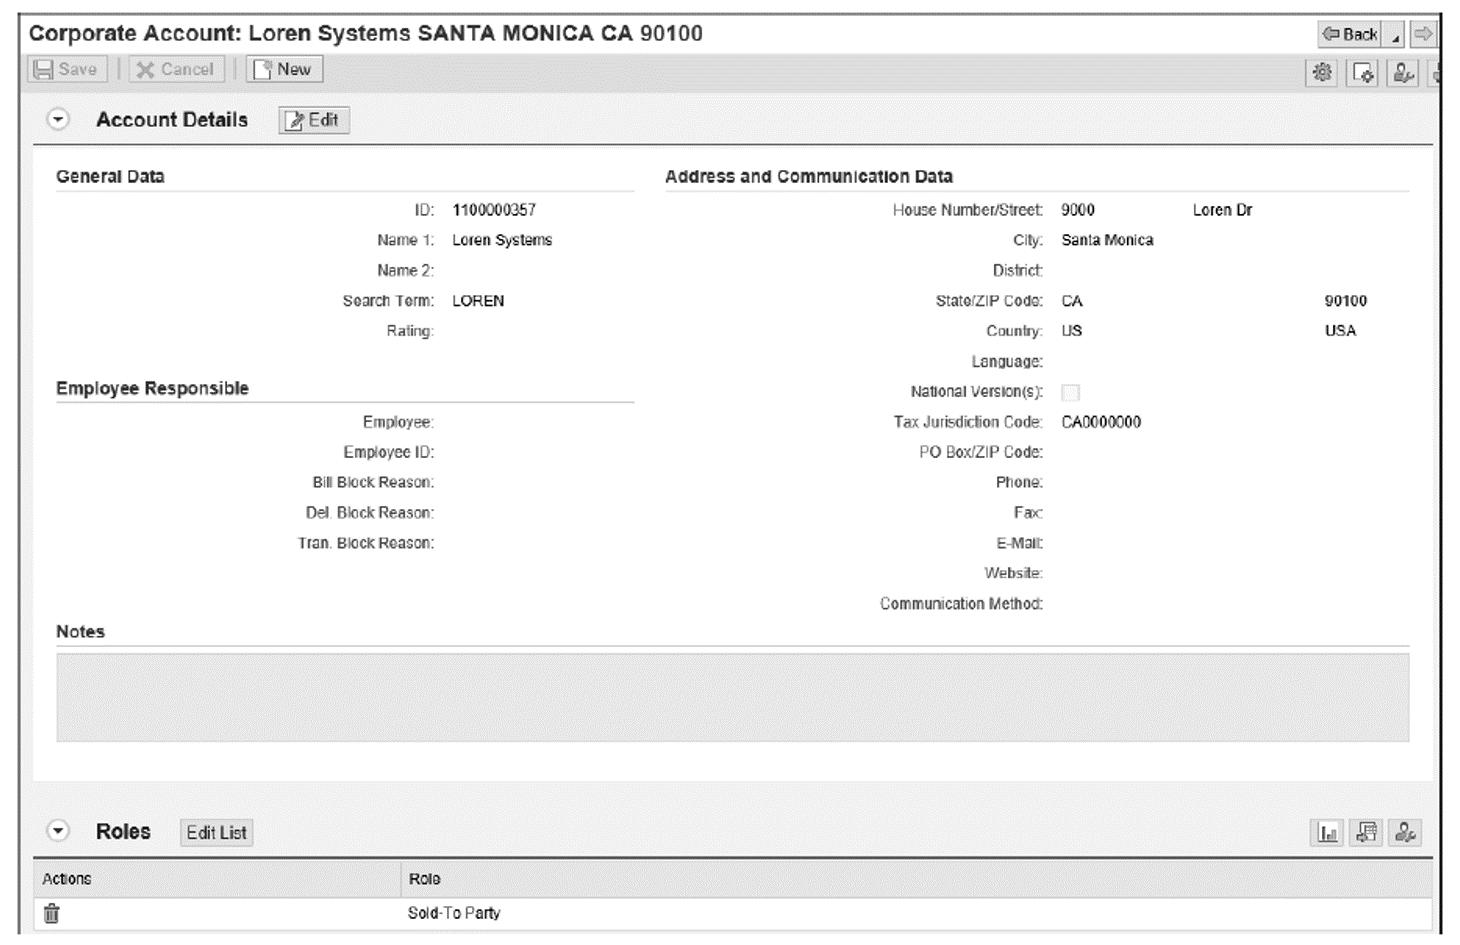 Business Partner Details: Loren Systems, Screen 1